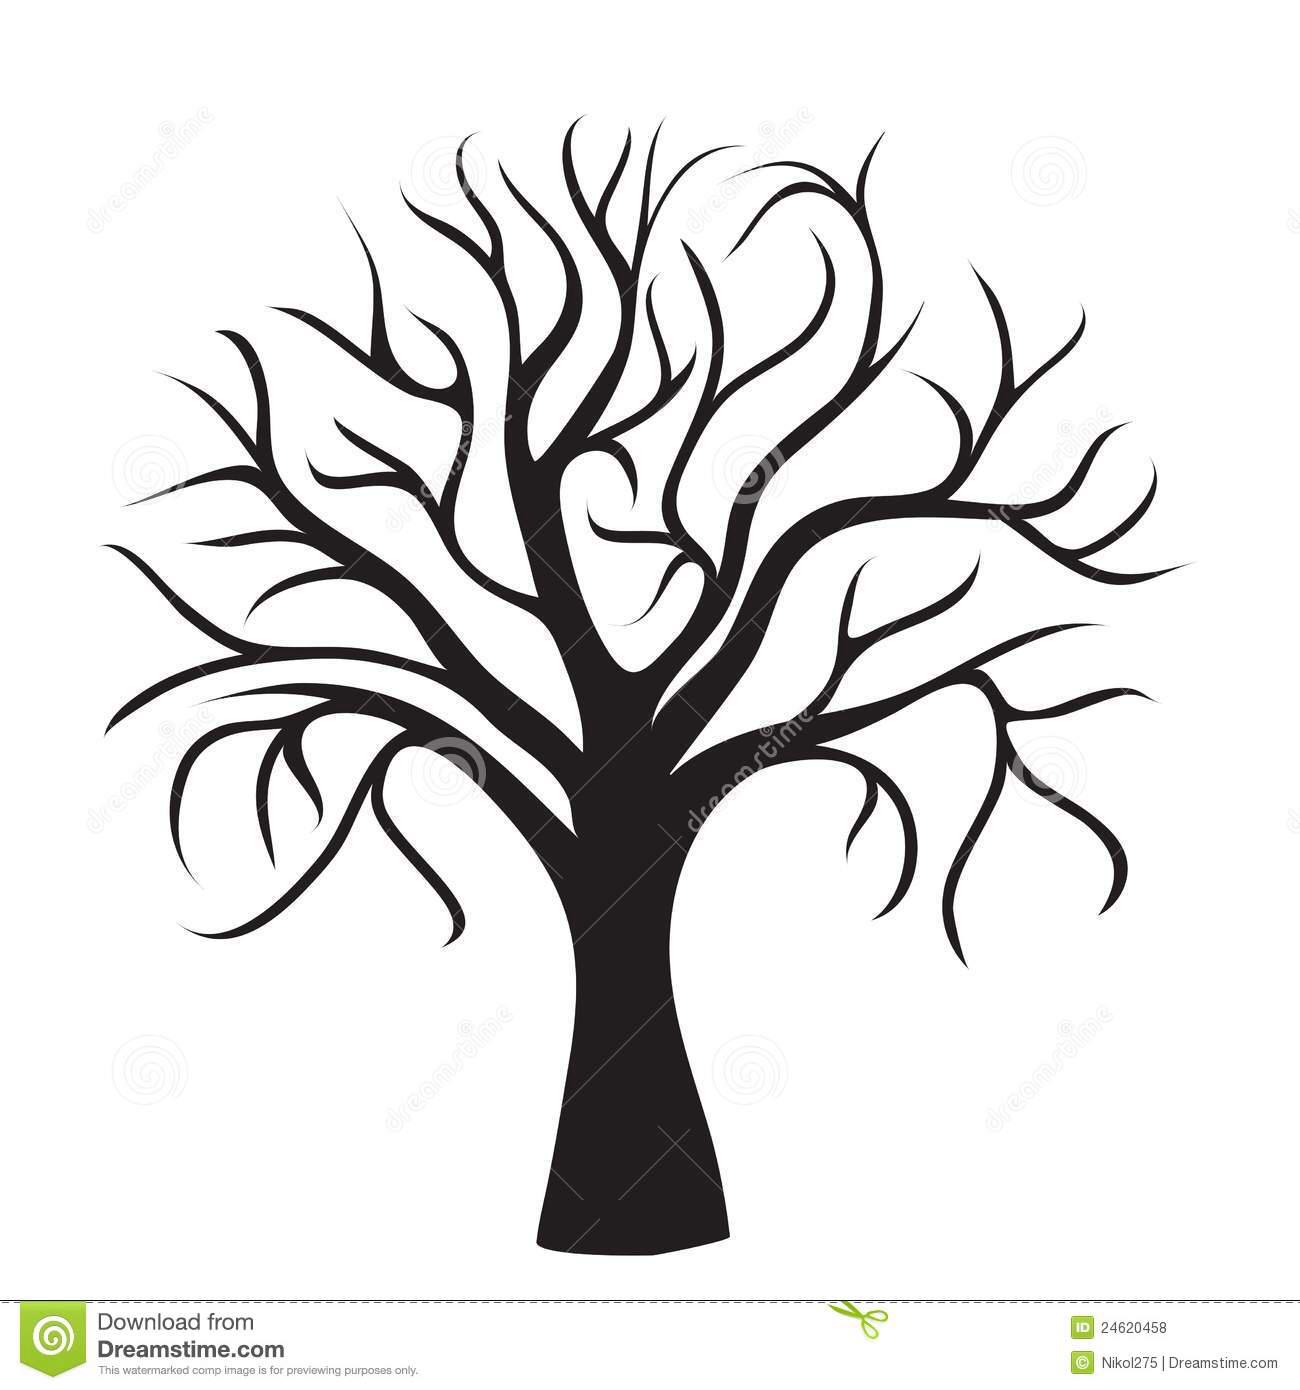 1300x1390 Tree No Branches Draw Designs Cricut, Silhouettes